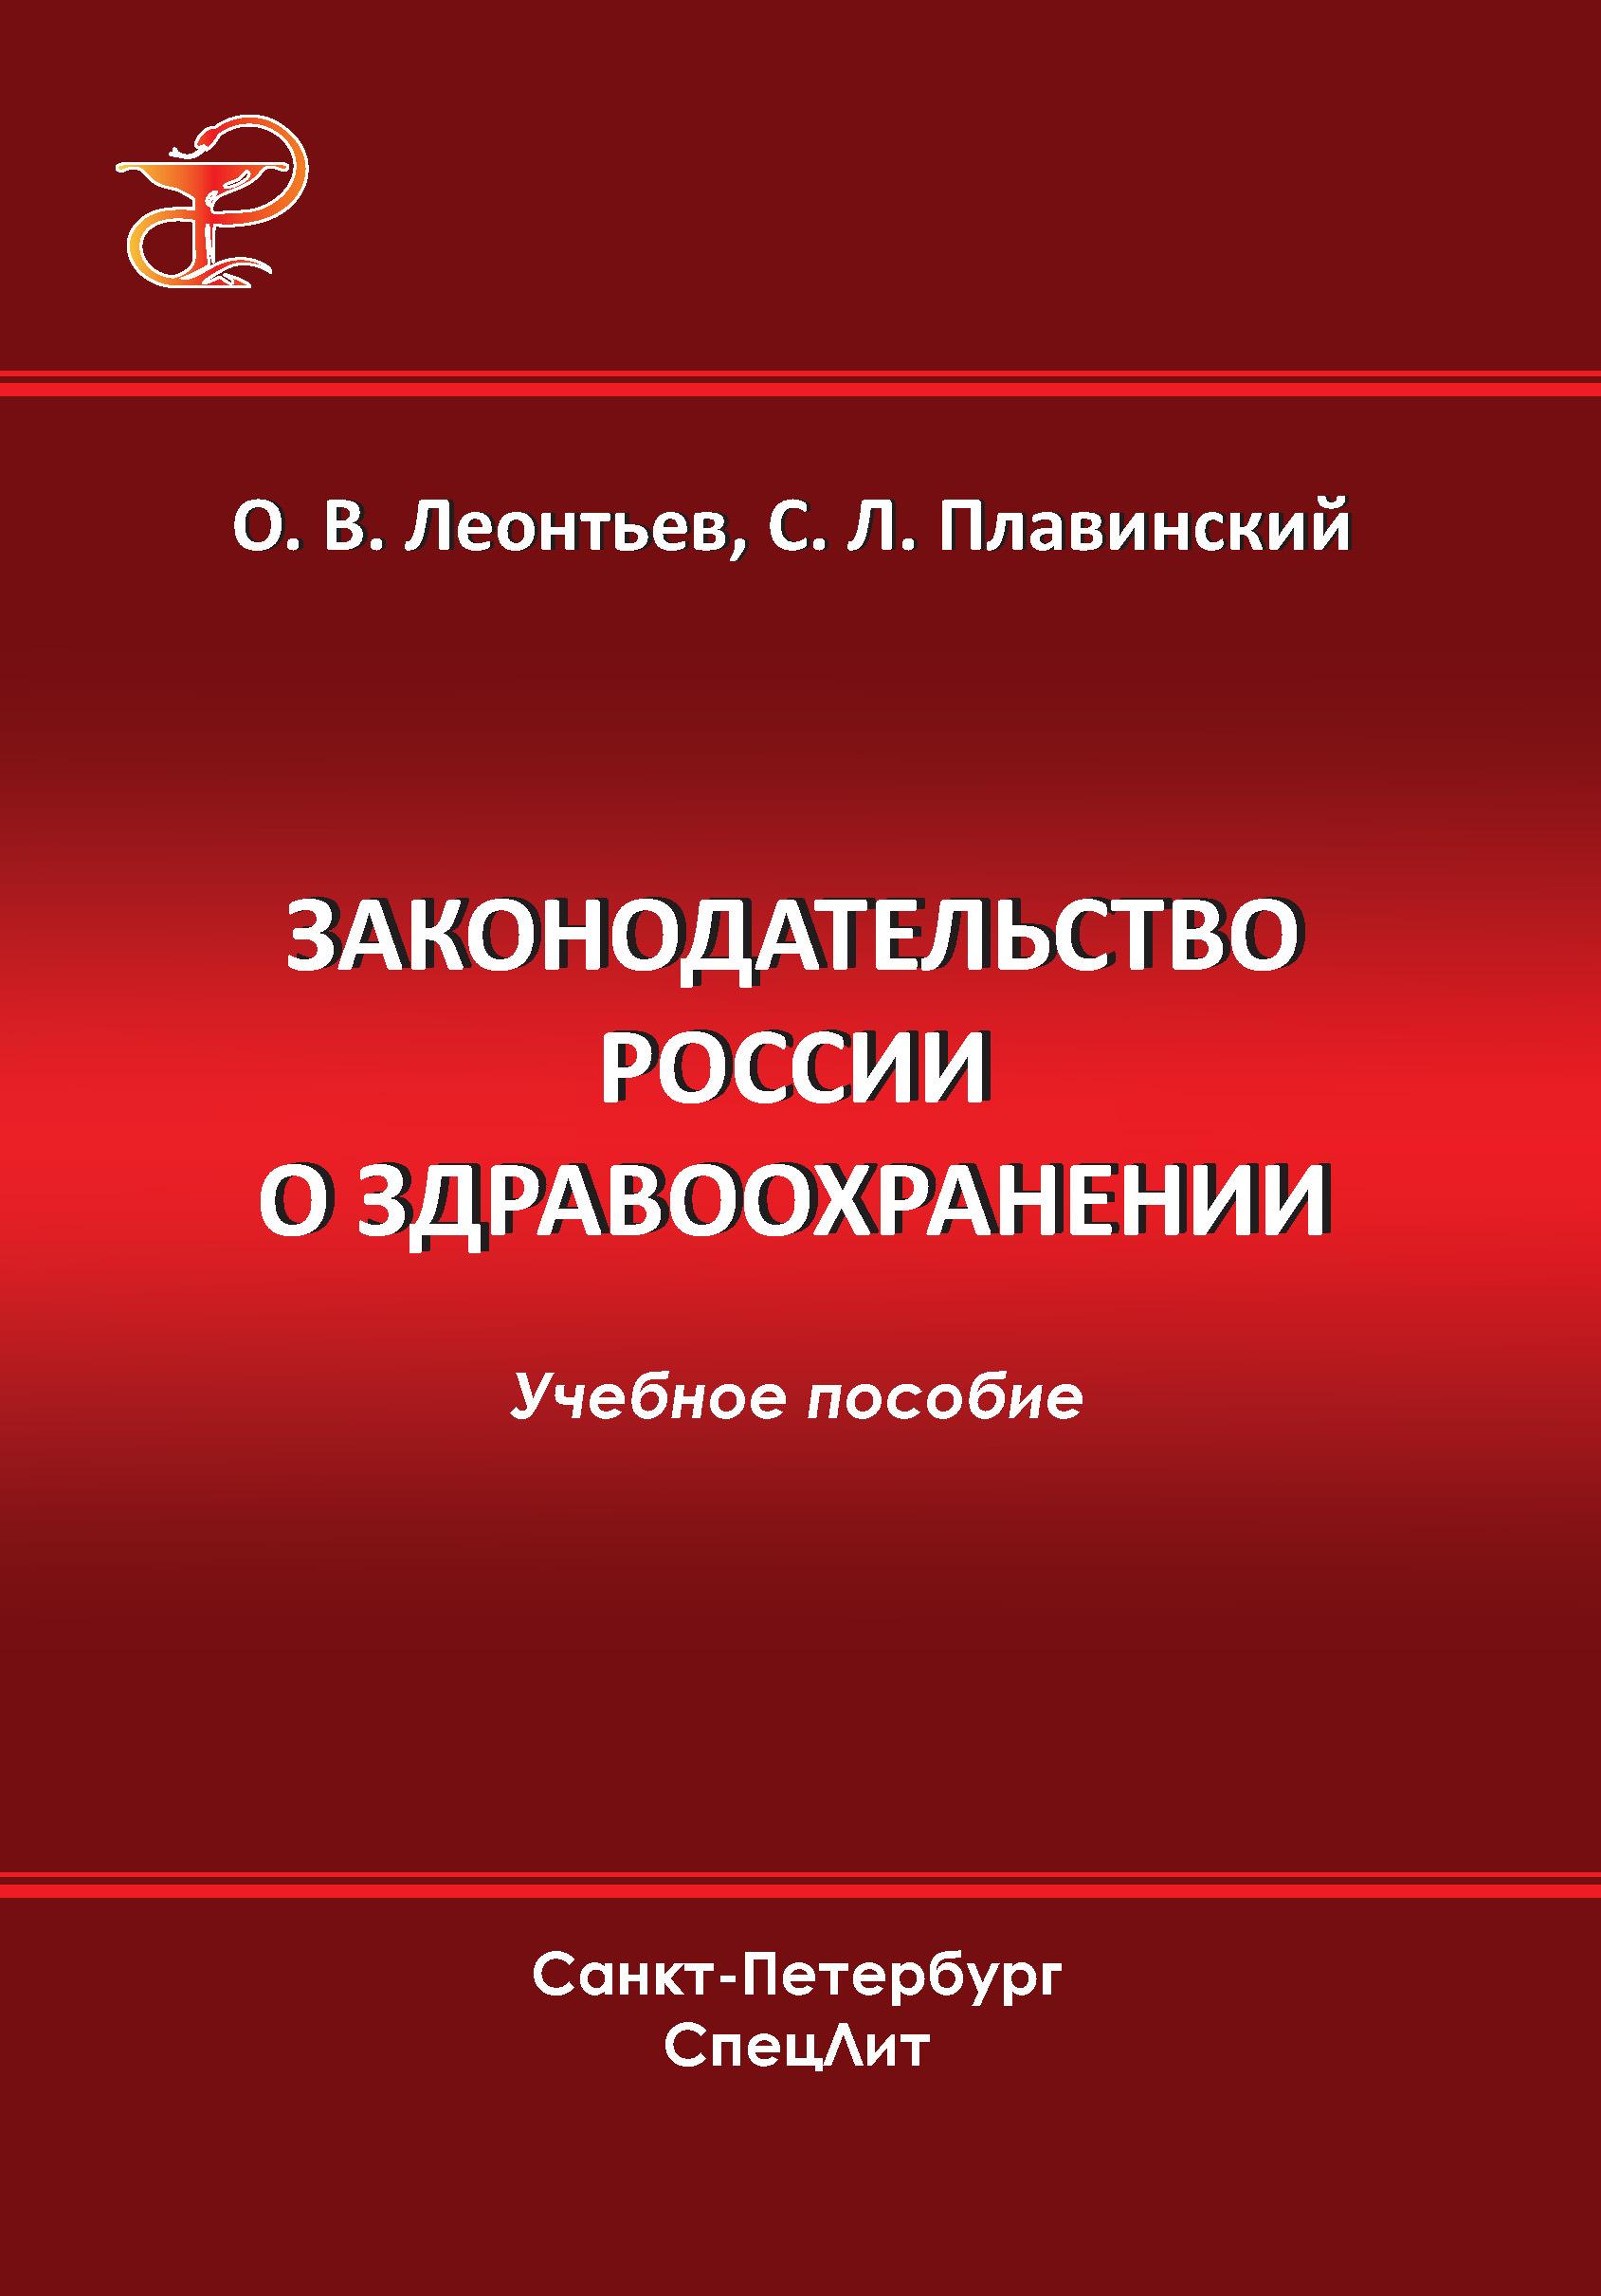 О. В. Леонтьев Законодательство России о здравоохранении триммер бензиновый бензокоса champion т256 2